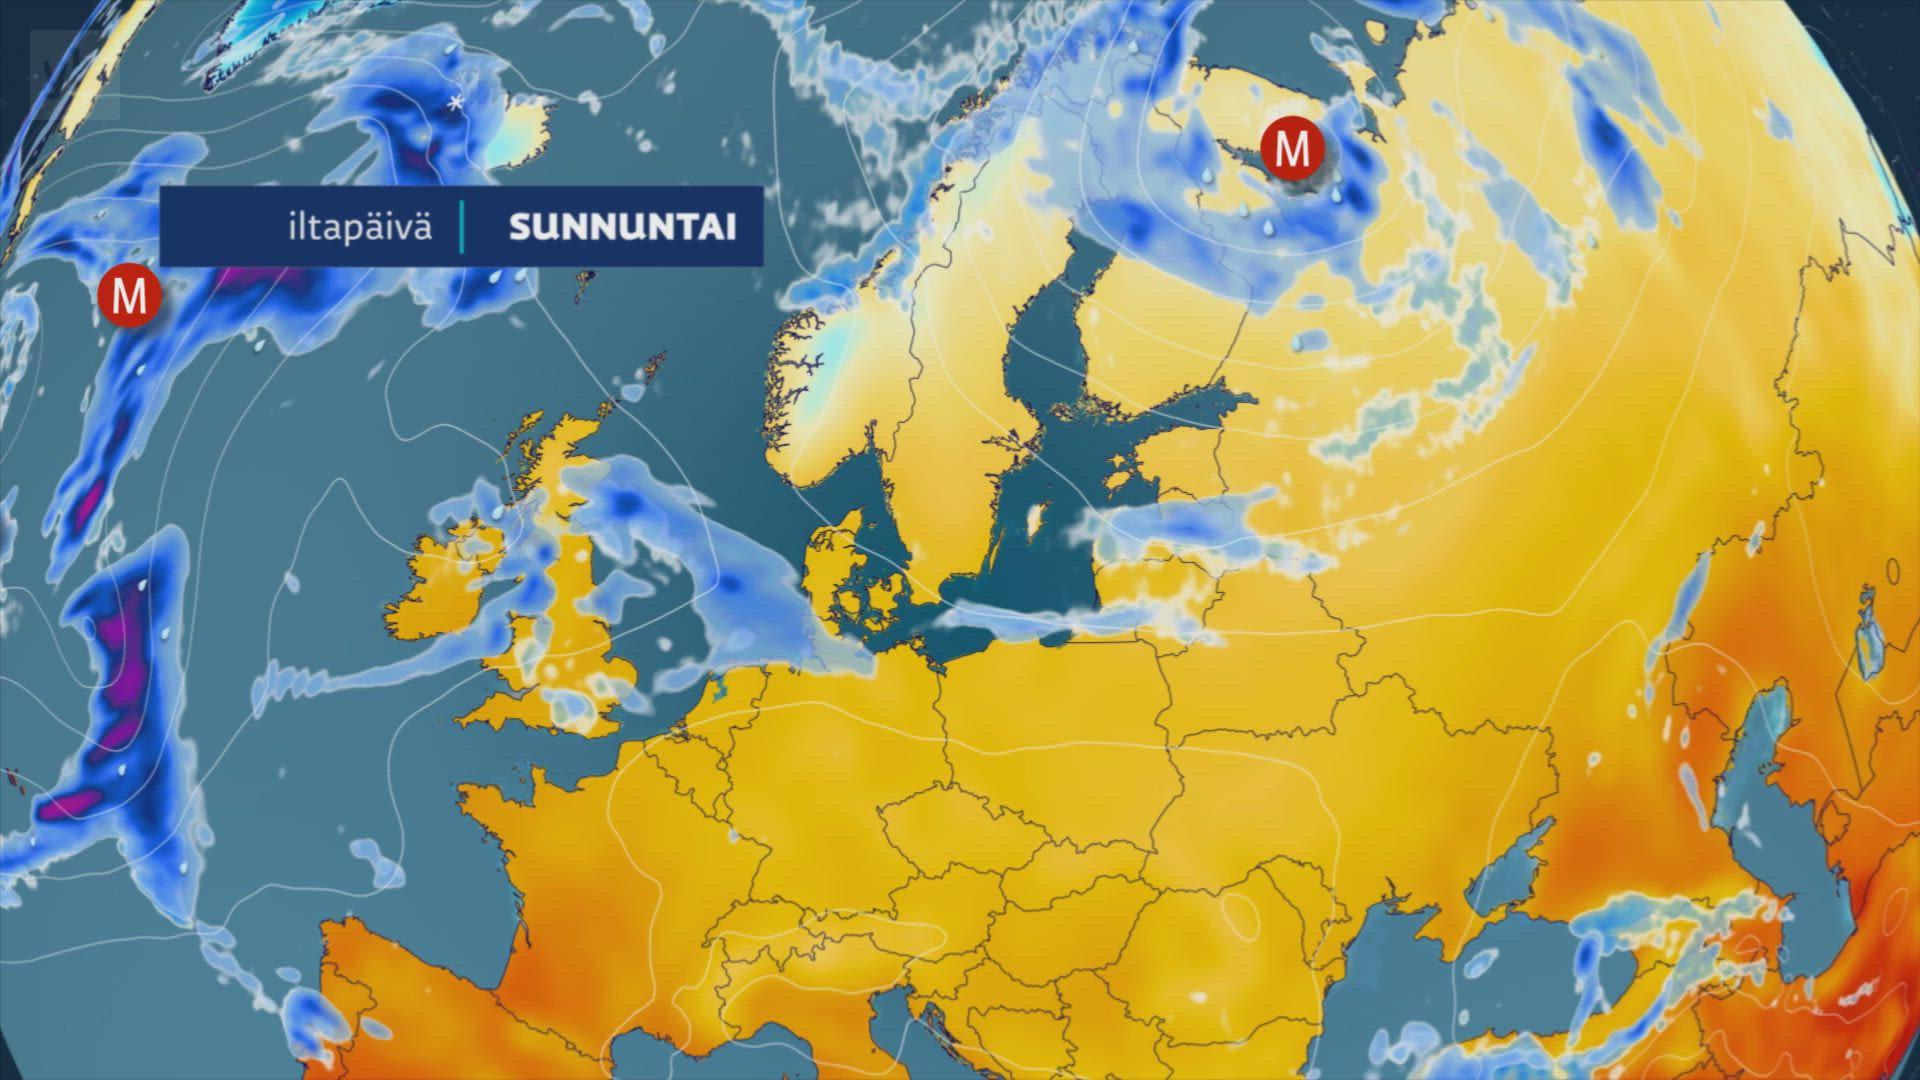 Viikon puolivälin voimakas matalapaine tuo pohjoiseen reilusti lisää lunta. Animaatio: Joonas Koskela / Yle